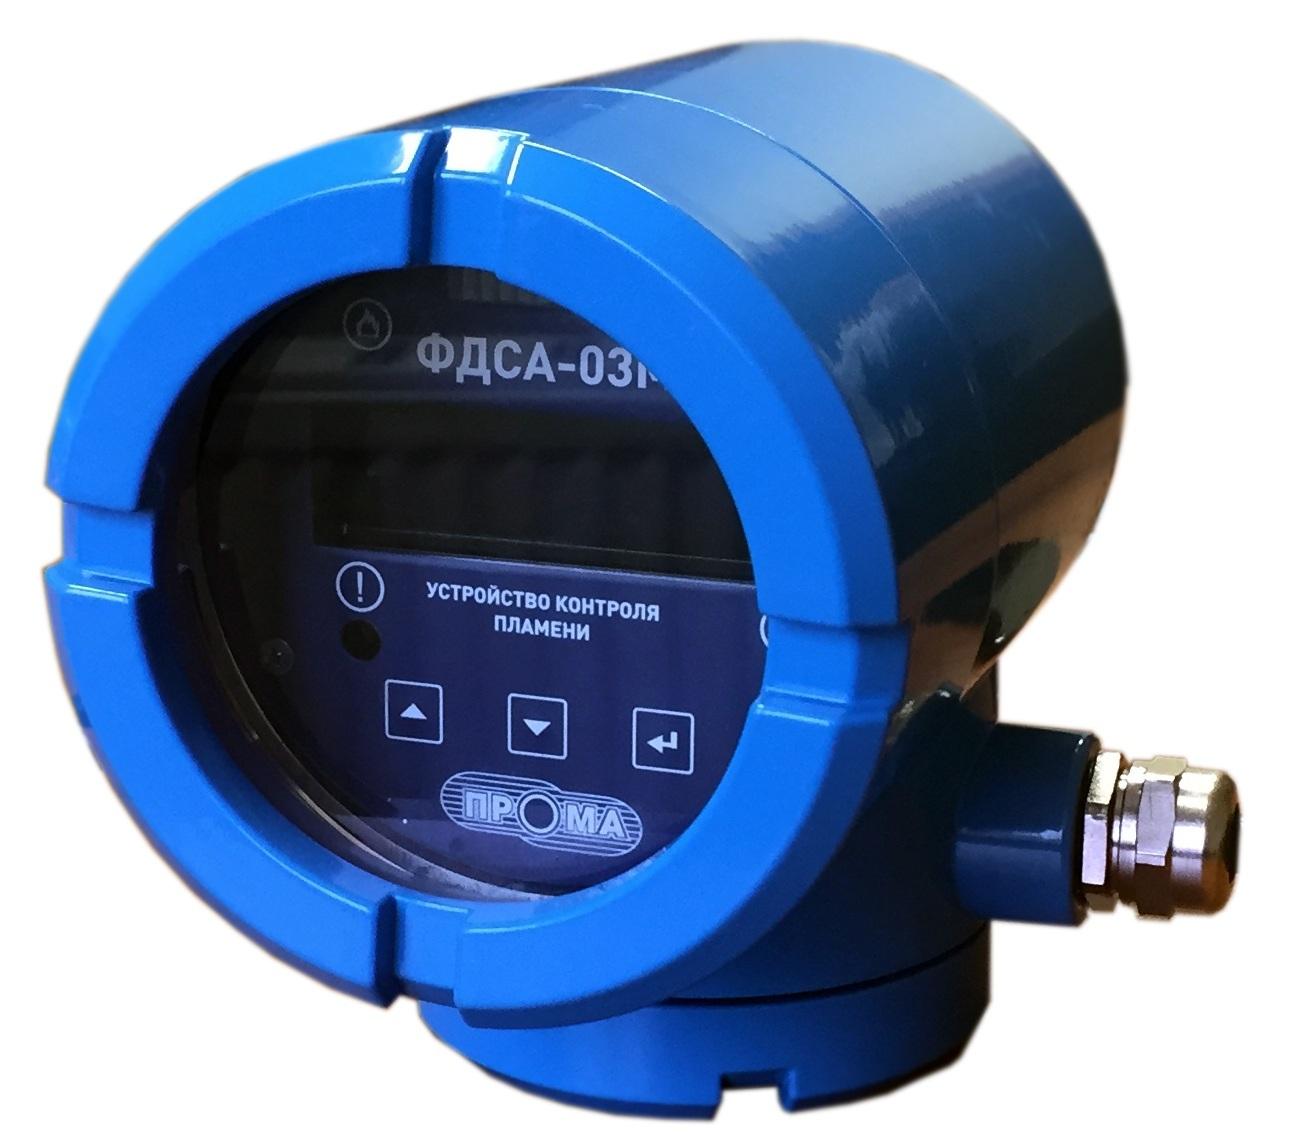 ФДСА-03М-01-IP65, устройство селективного контроля пламени